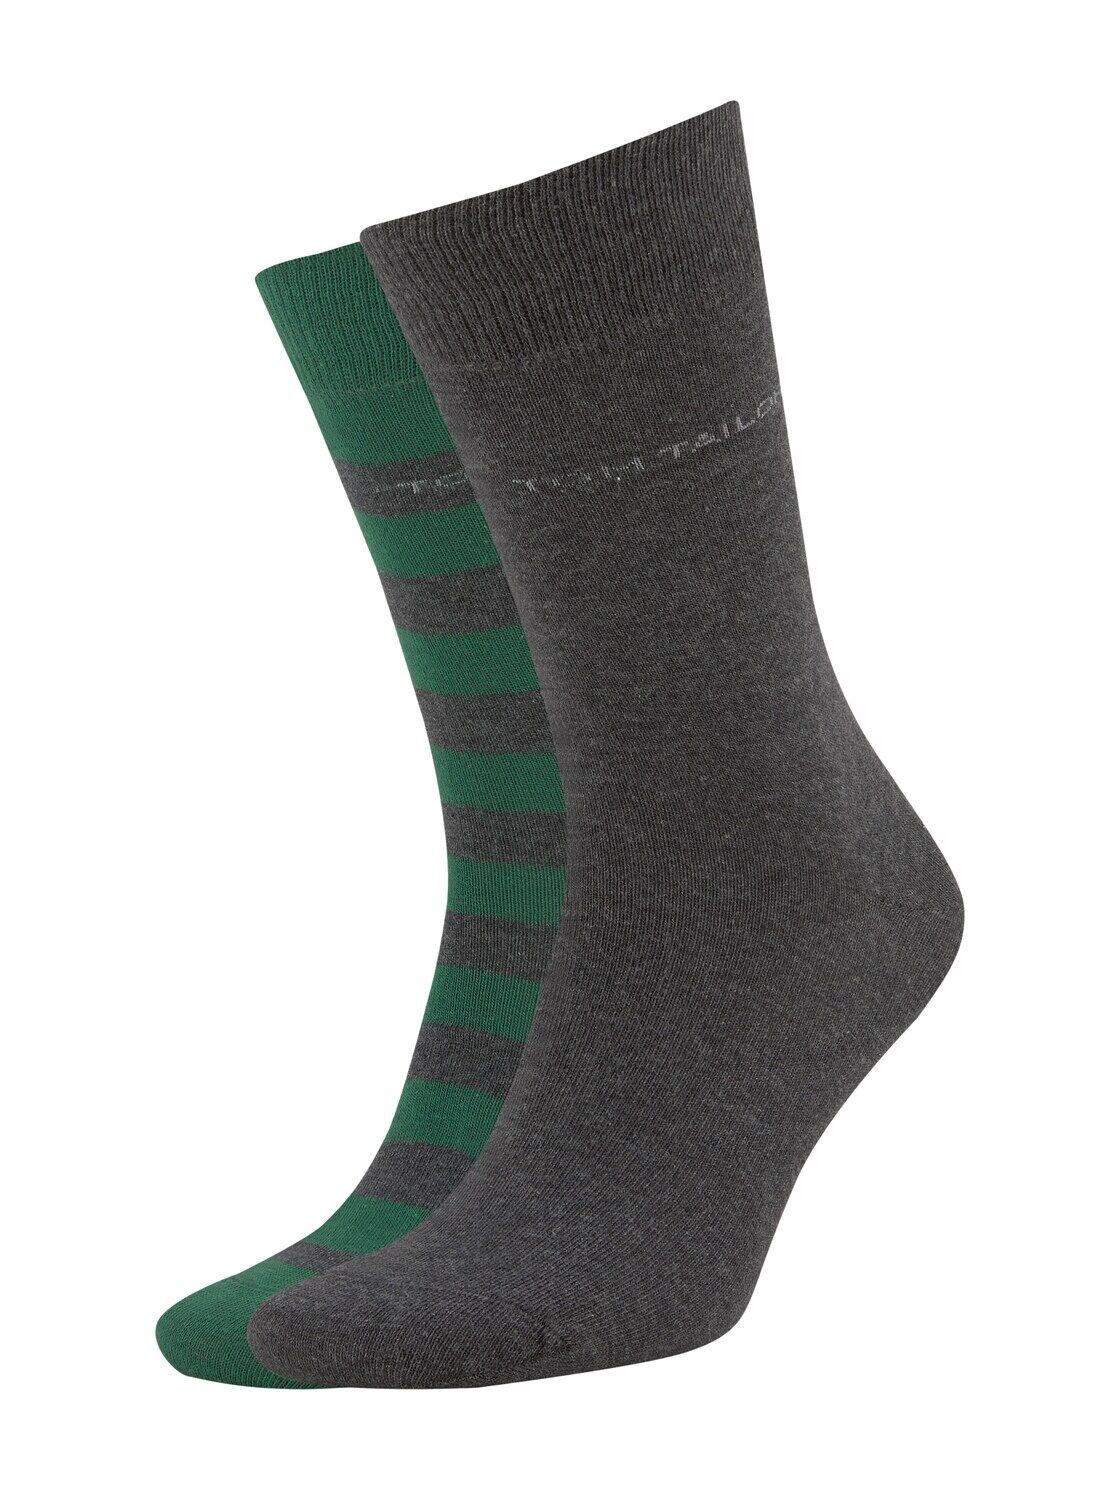 TOM TAILOR Herren Socken im Doppelpack, grün, Gr.39-42